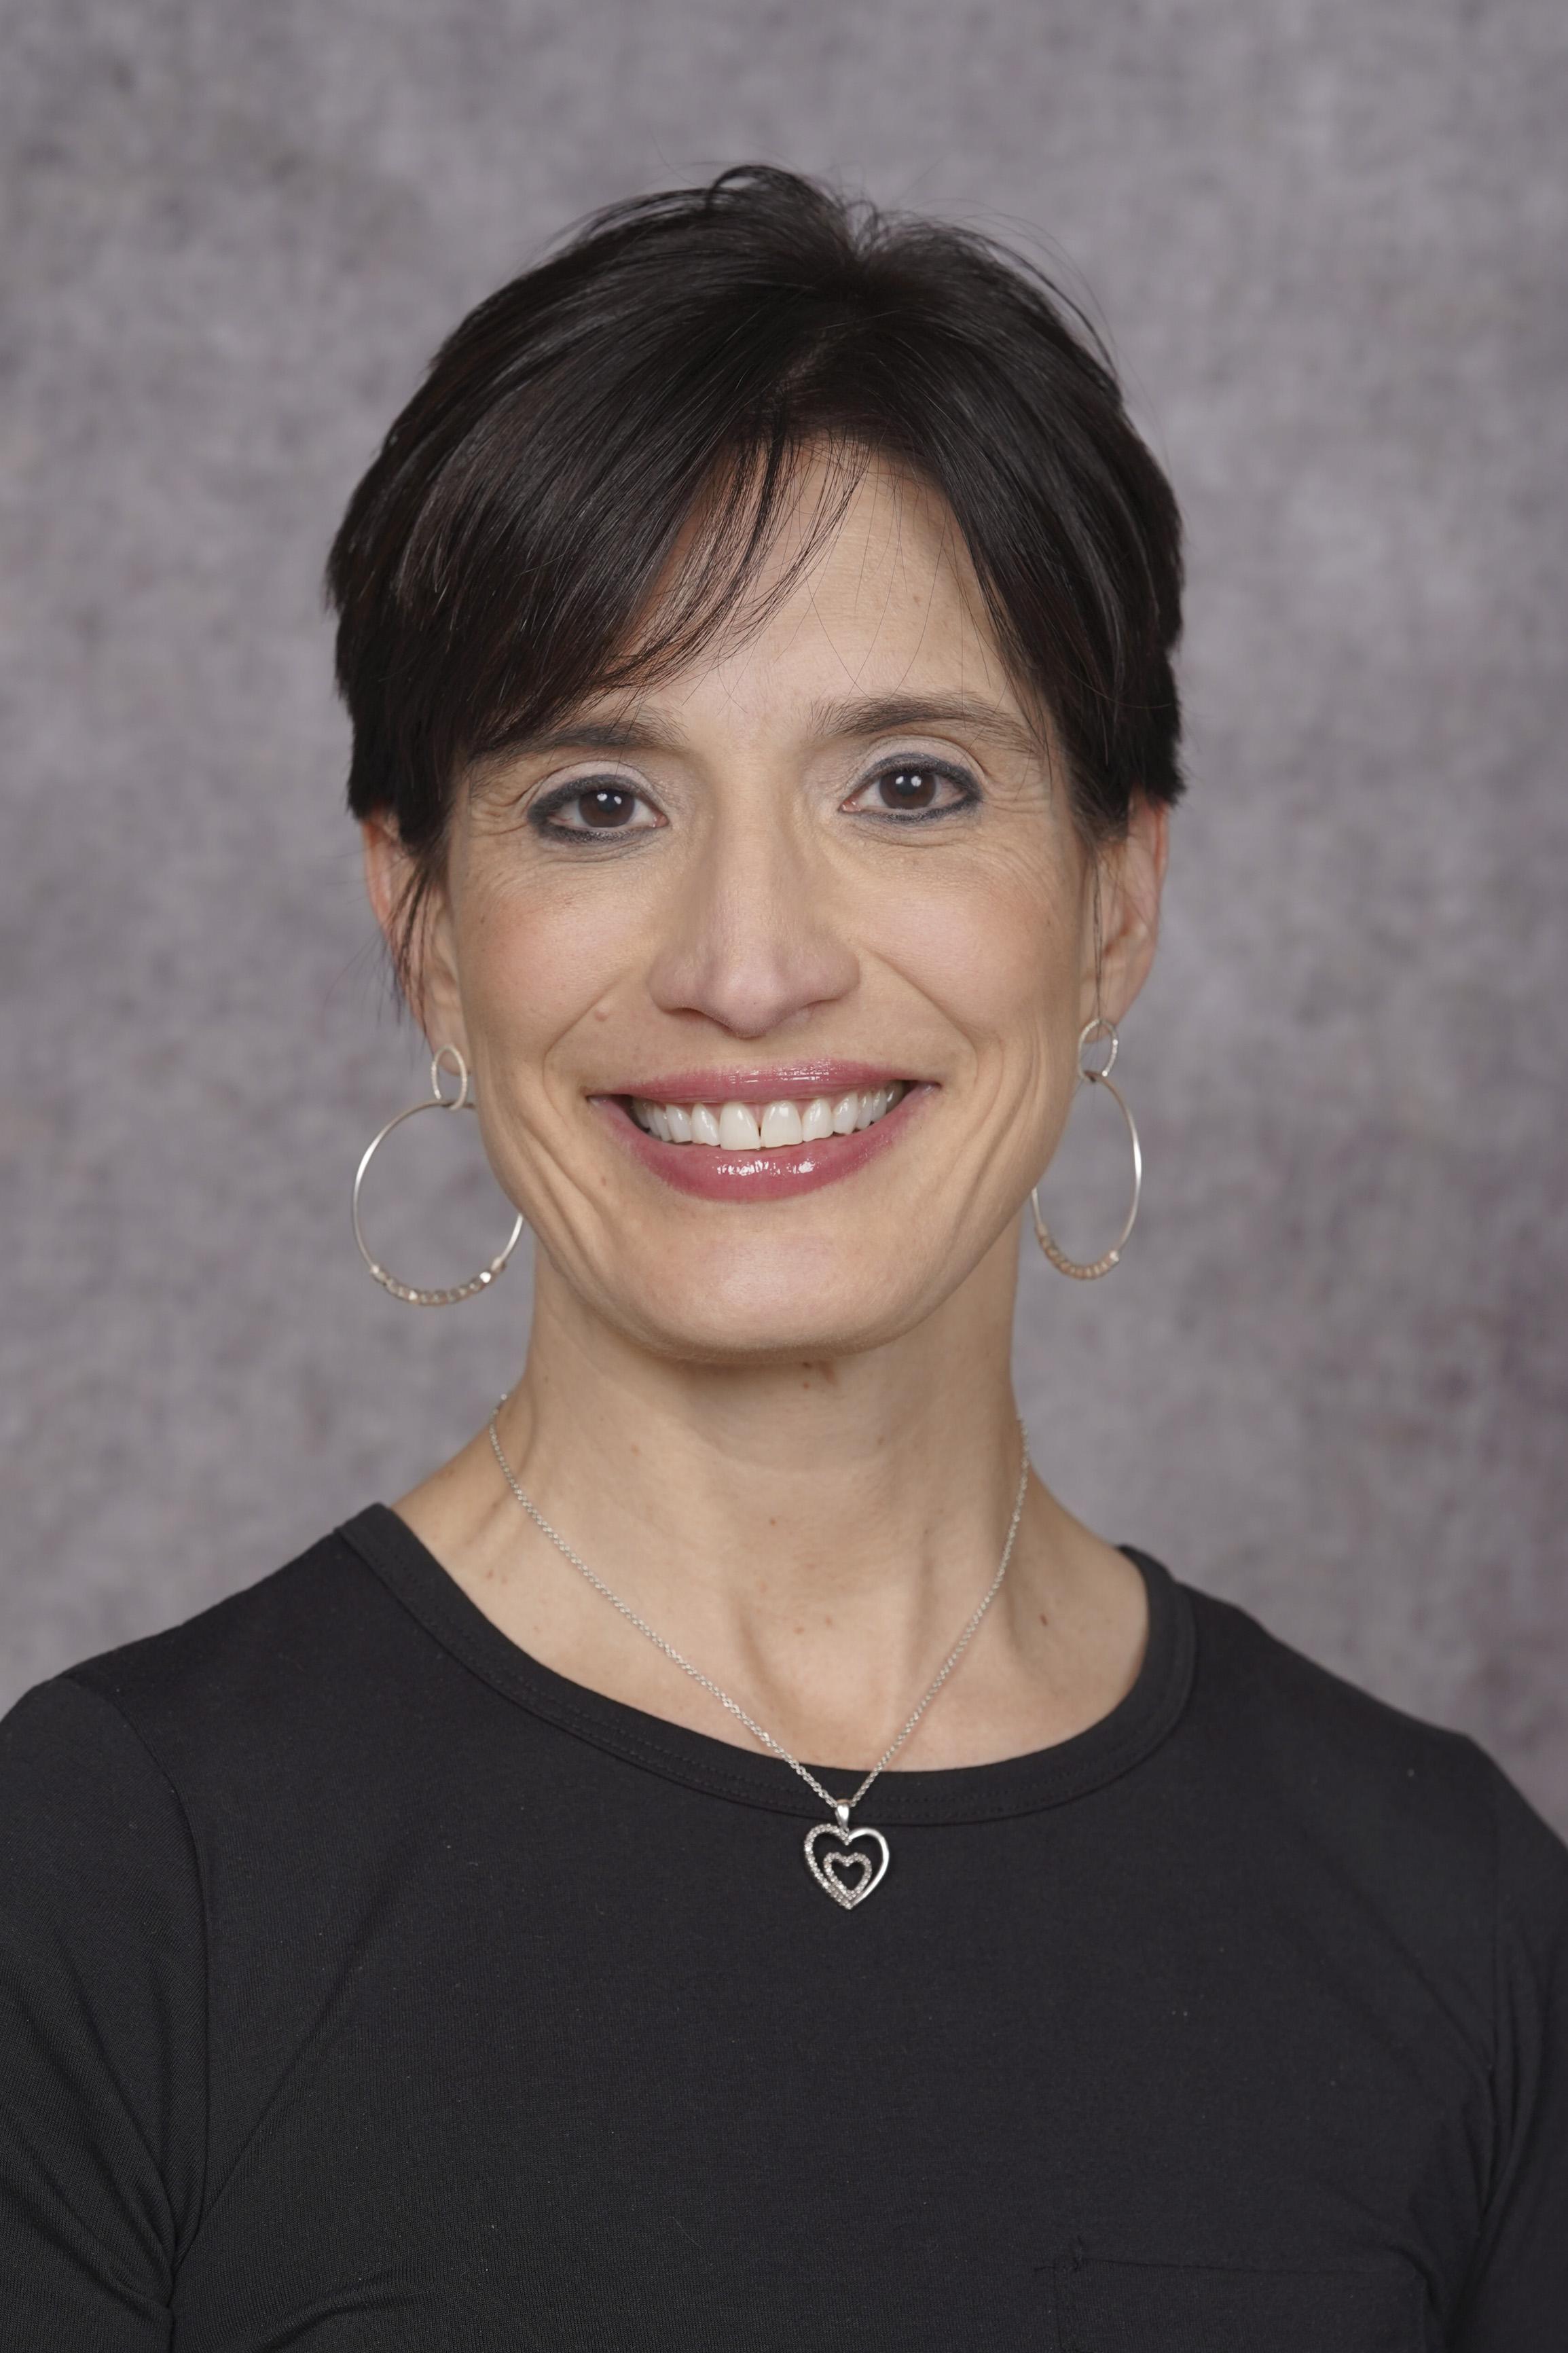 Jennifer Brueckner, Ph.D.